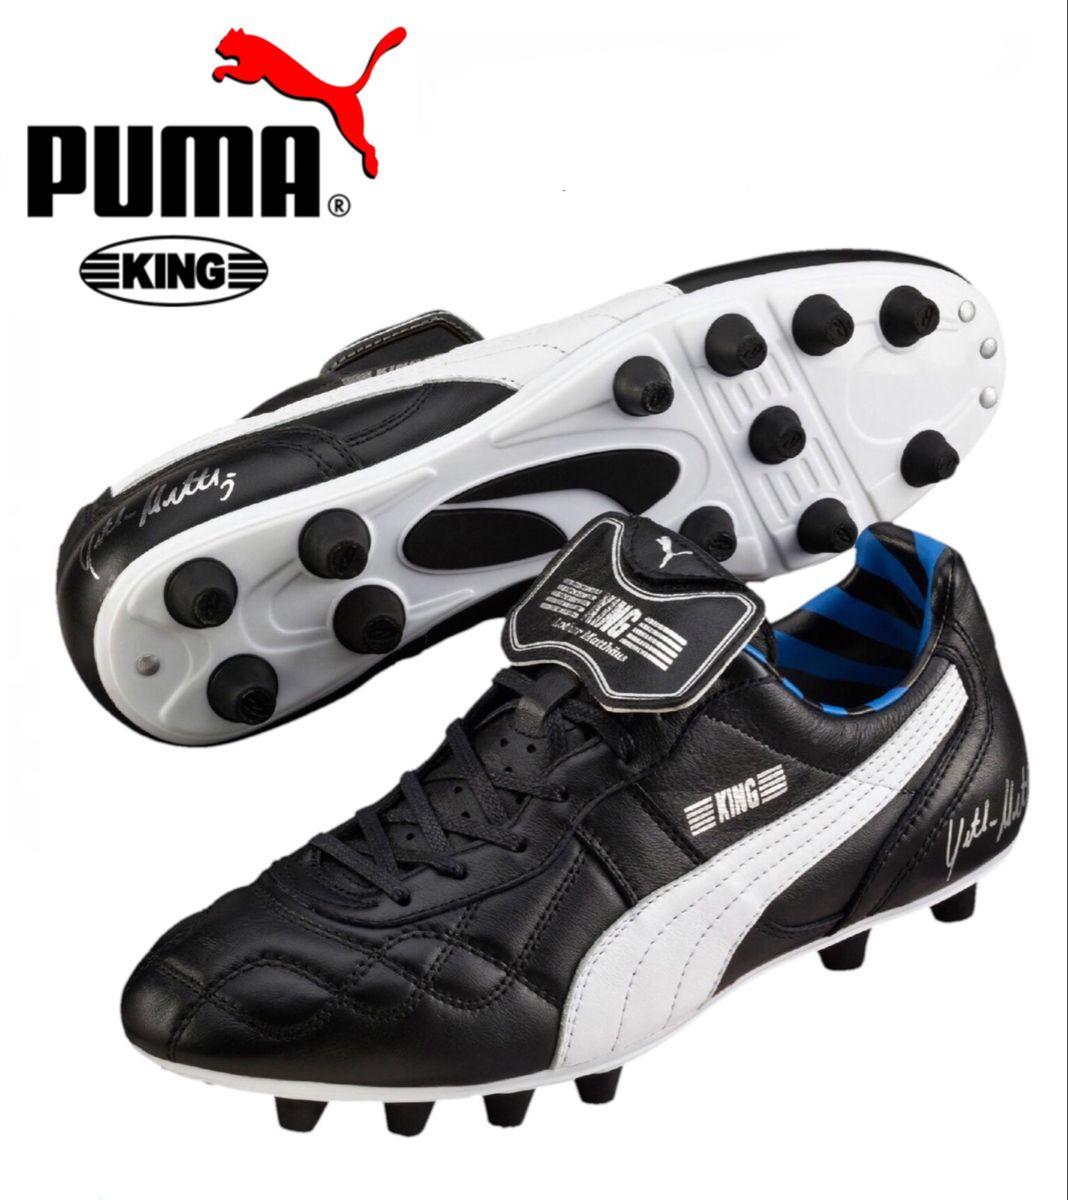 Puma King Lothar Matthaus Edition In 2021 Puma European Football Puma Sneaker